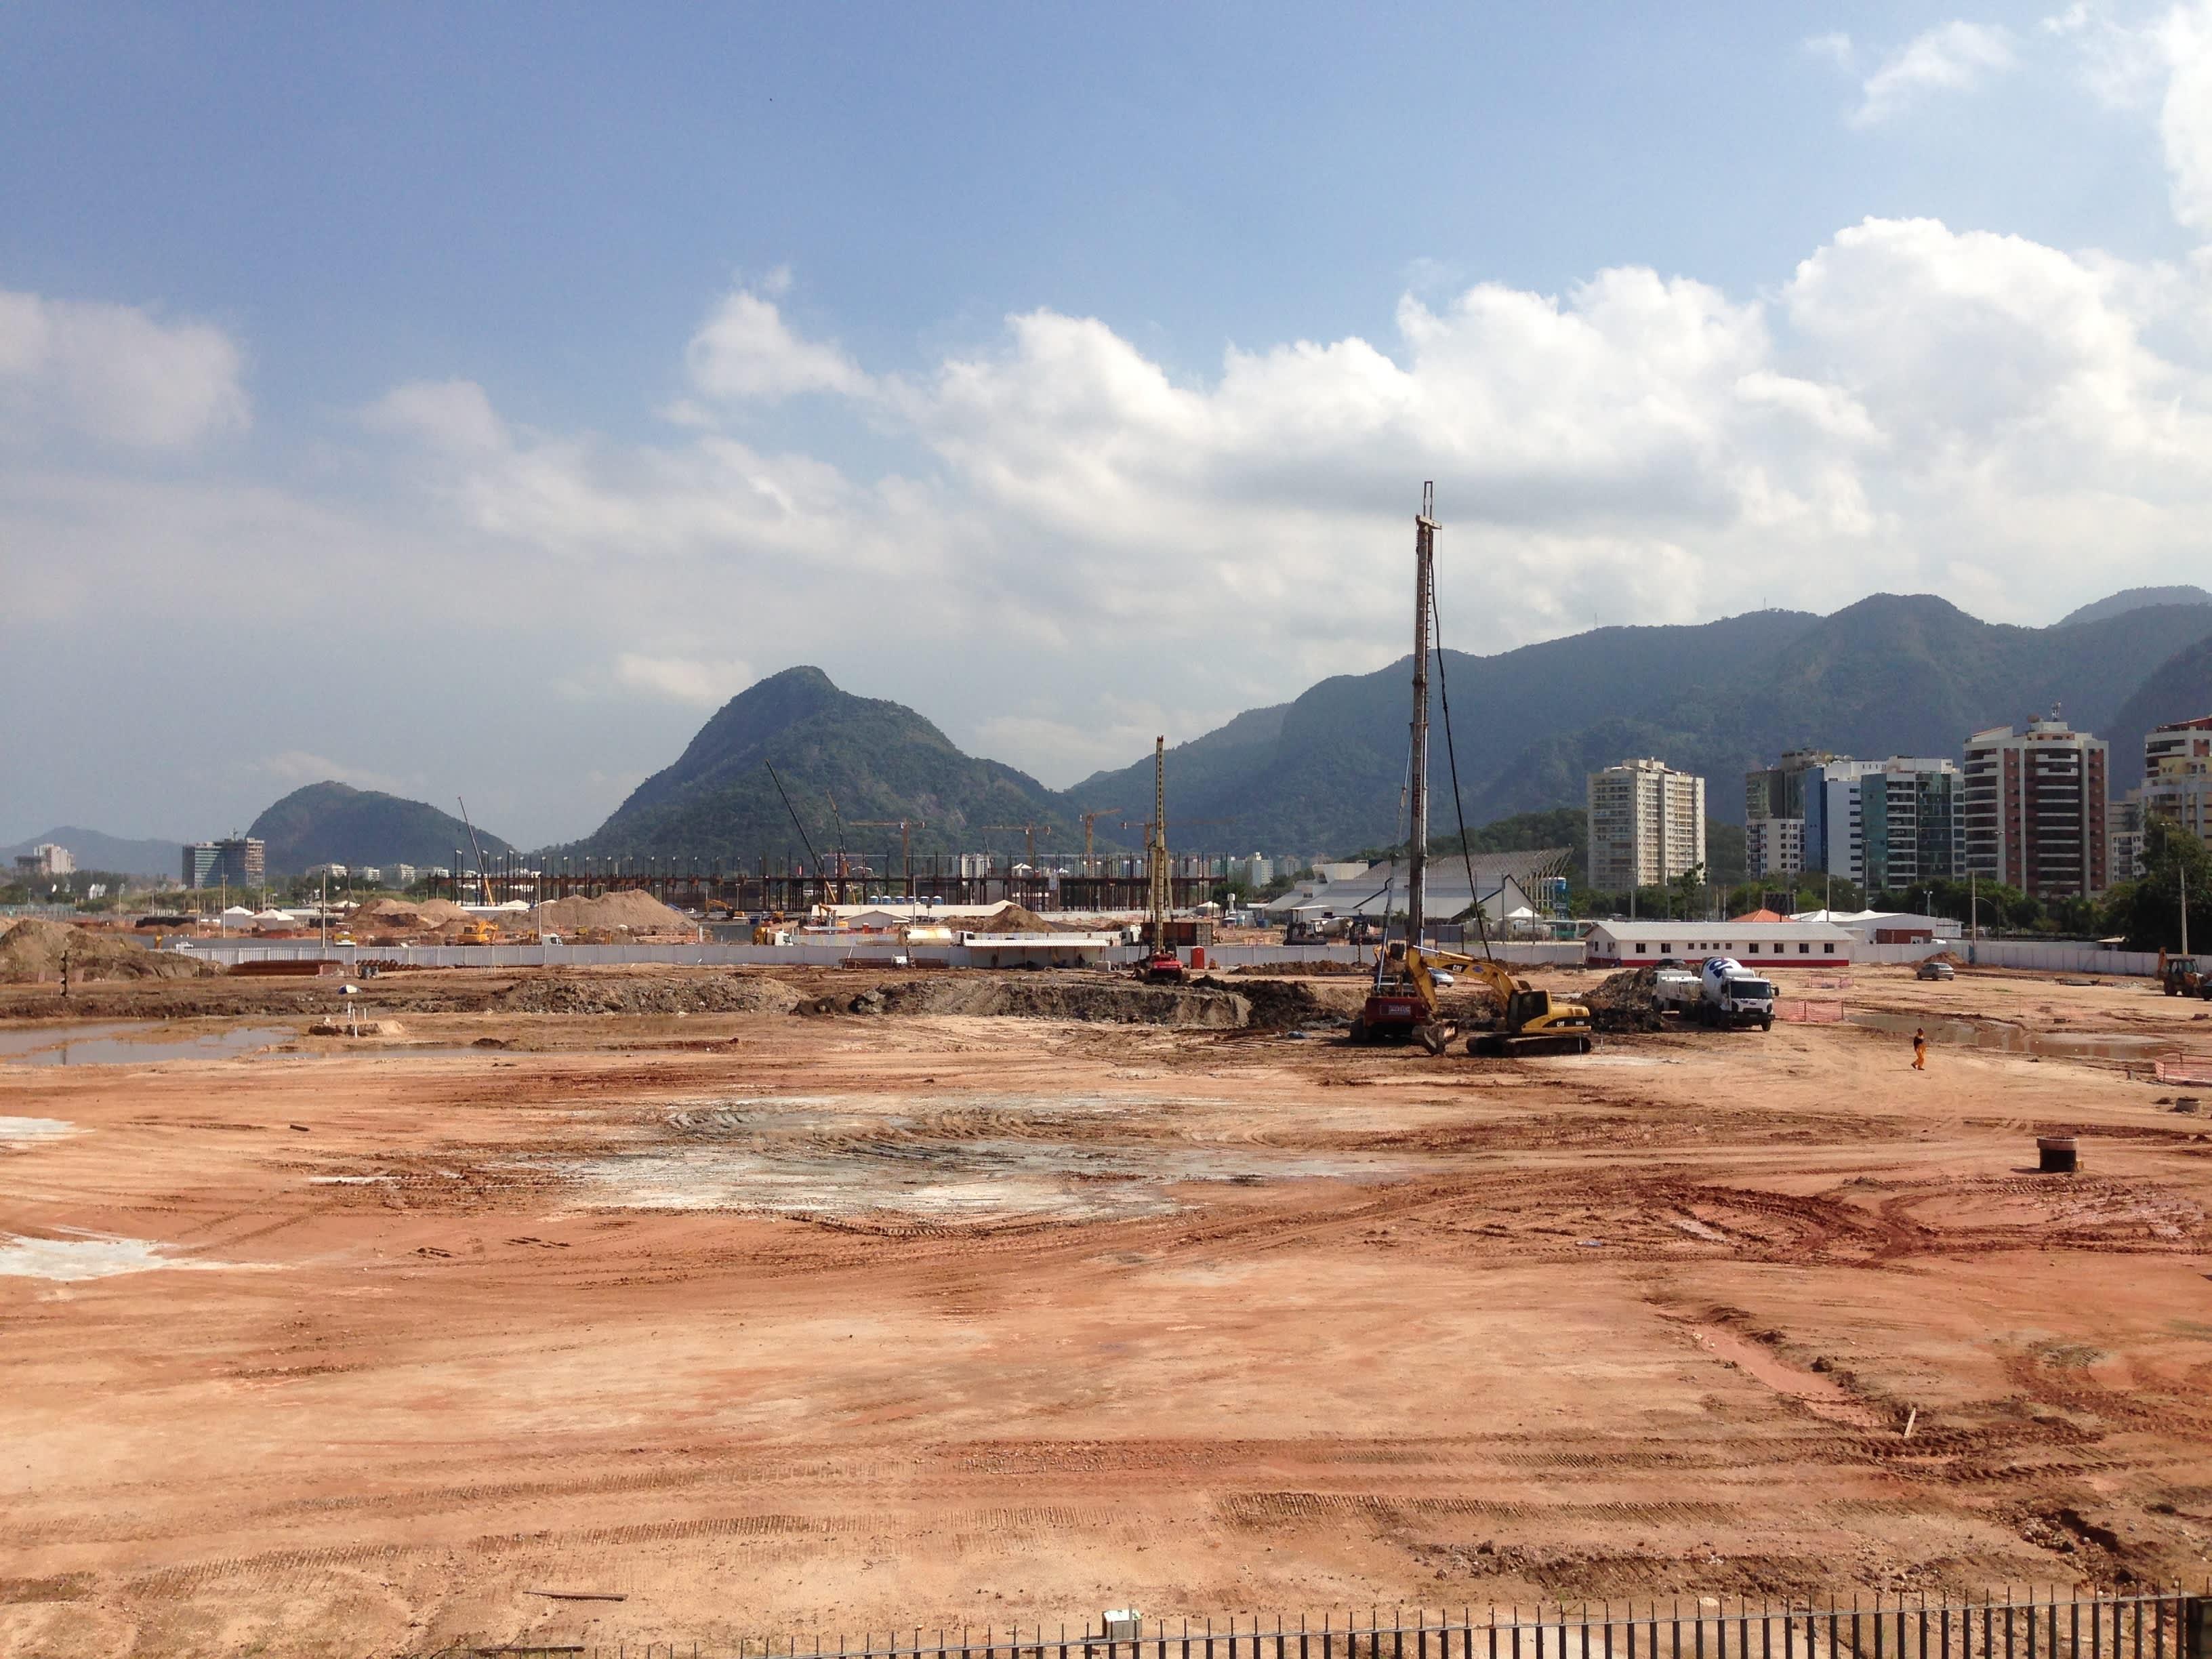 Barran rakennustyöt etenevät Rio de Janeirossa.